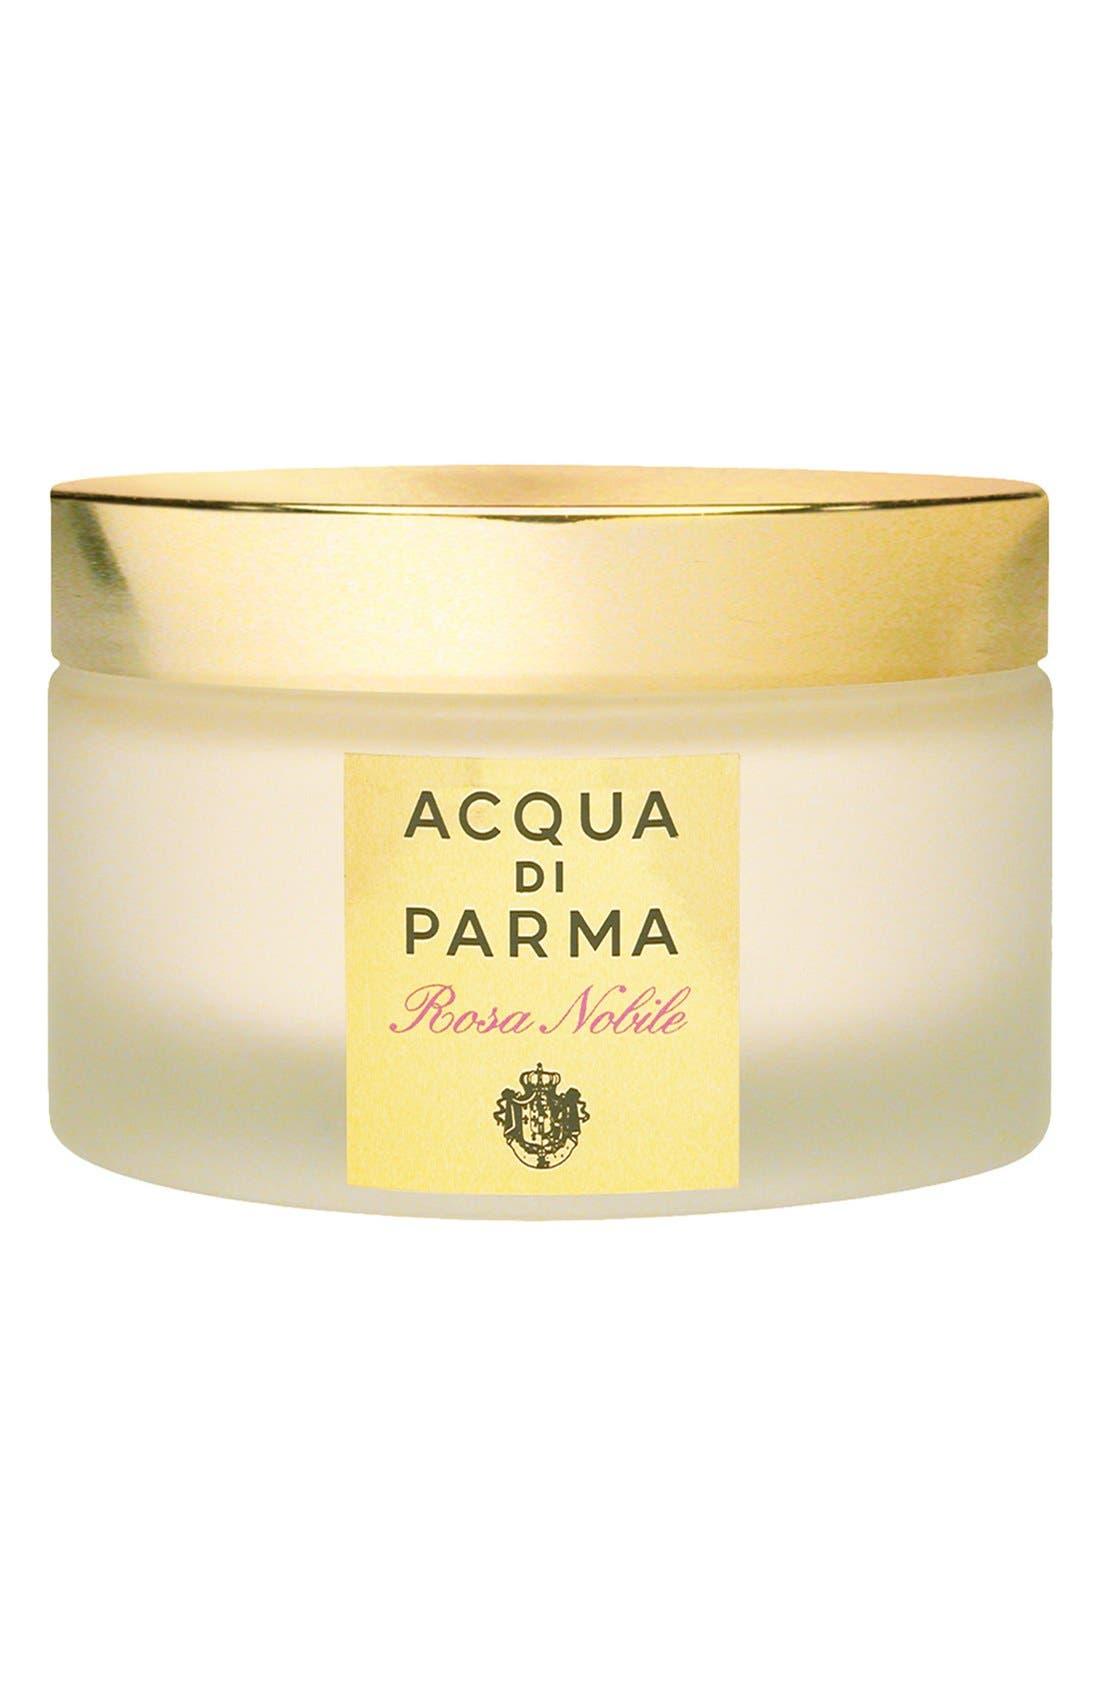 Acqua di Parma 'Rosa Nobile' Body Crème